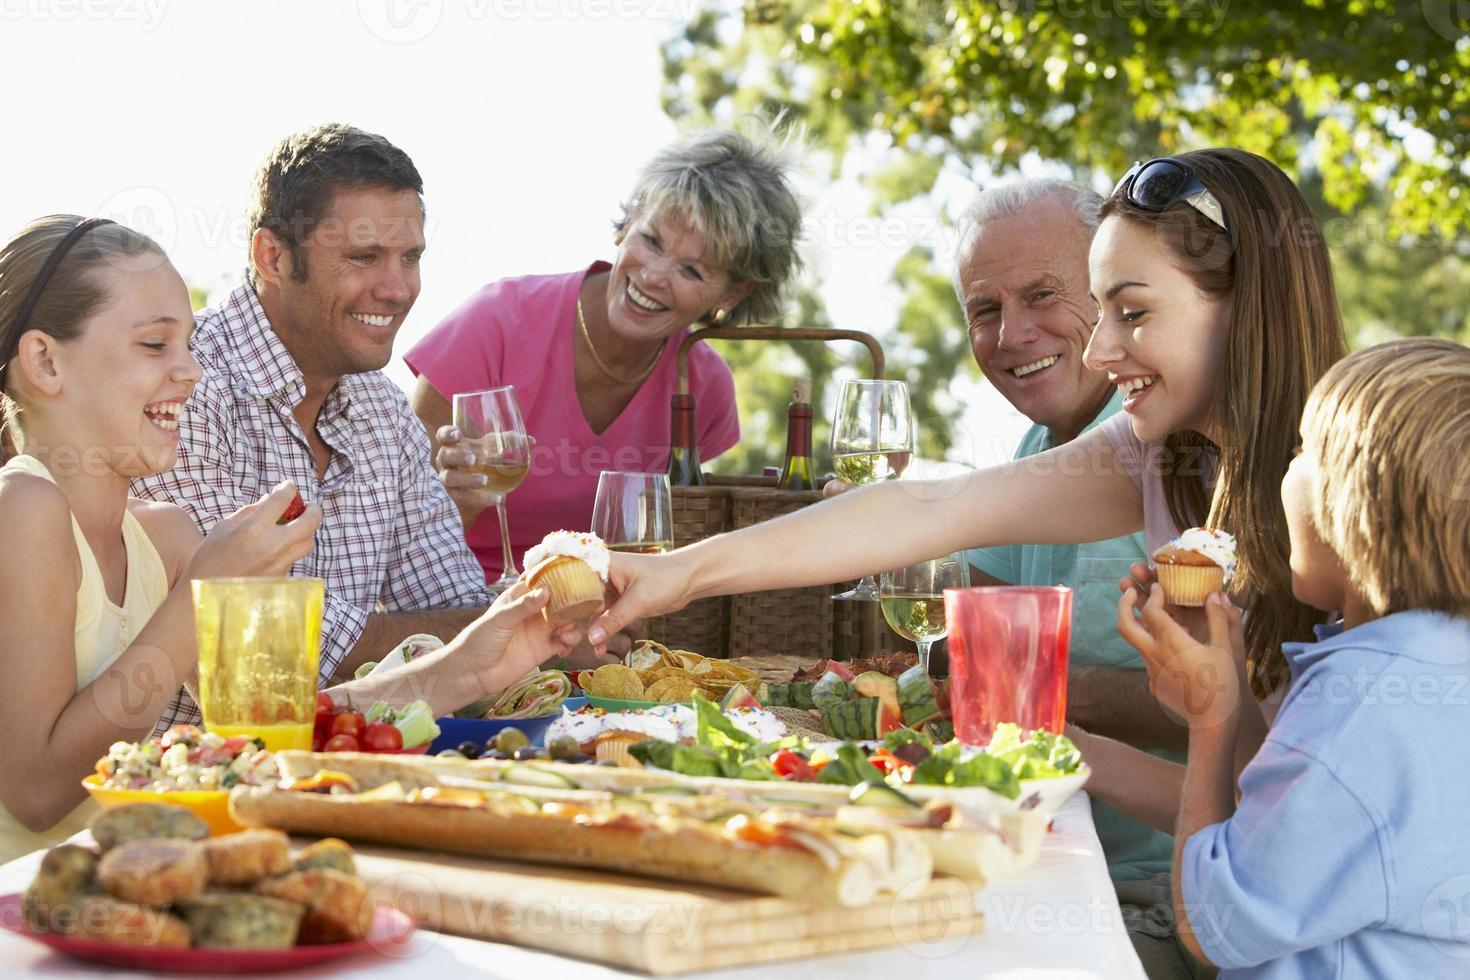 pranzo in famiglia all'aperto foto